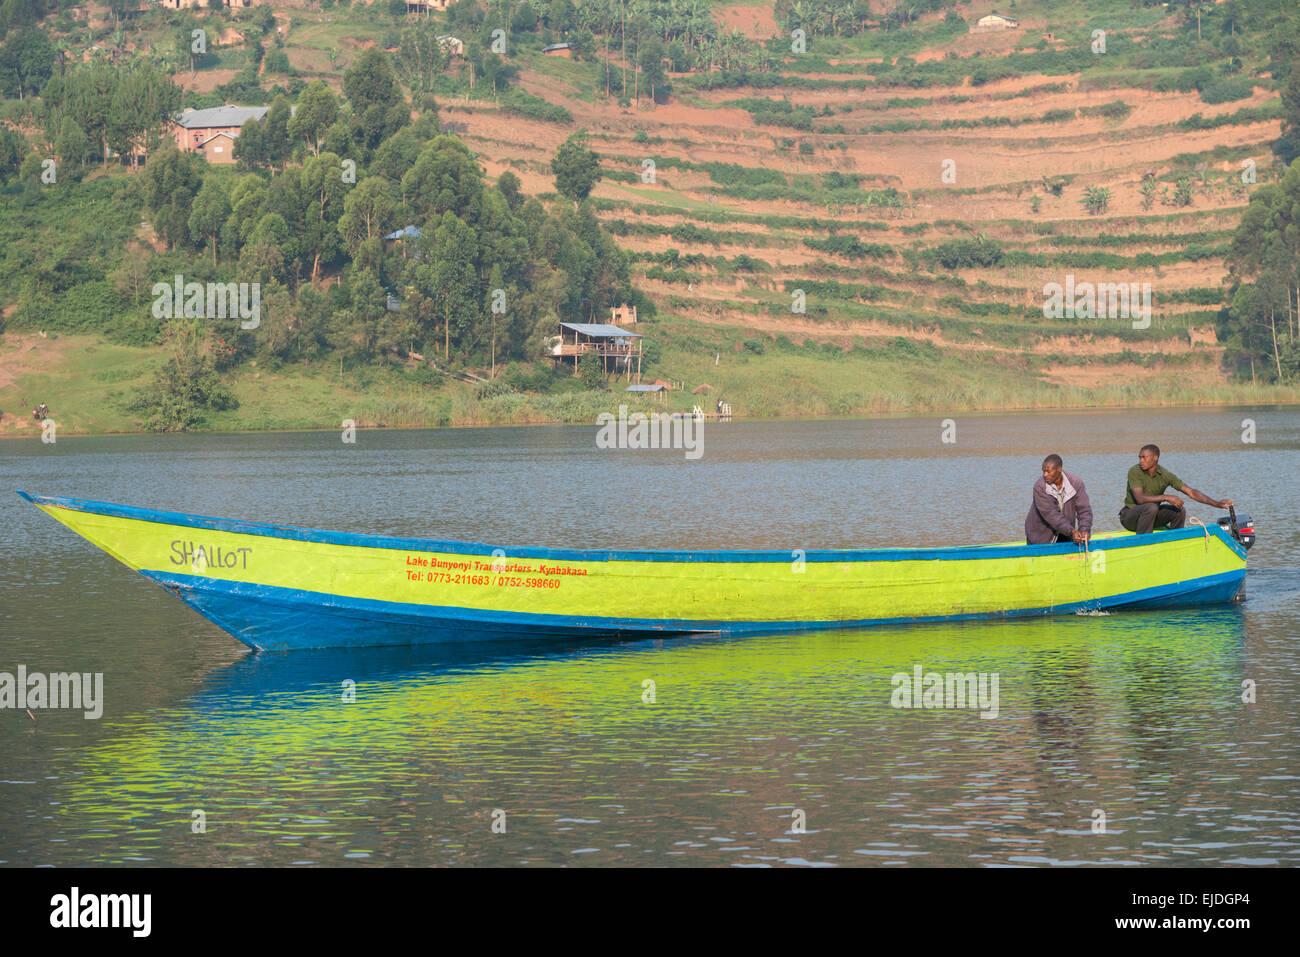 Embarcadero en el continente. El lago bunyonyi. Uganda. Imagen De Stock